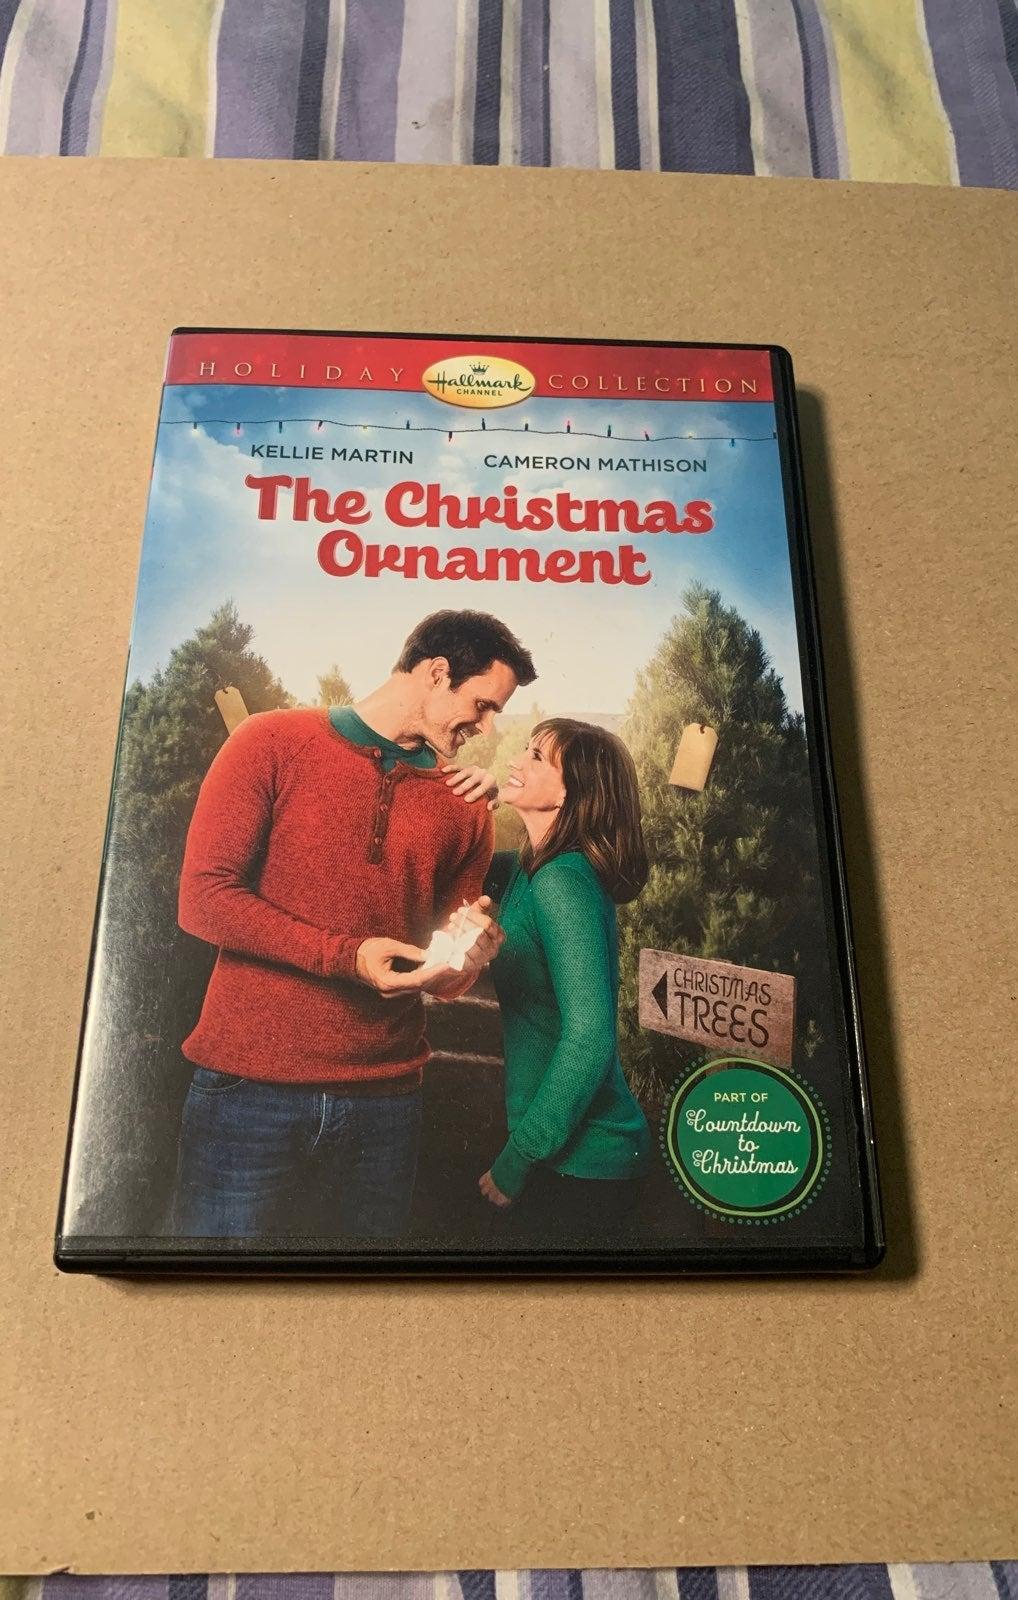 The Christmas Ornament 2014 Hallmark DVD